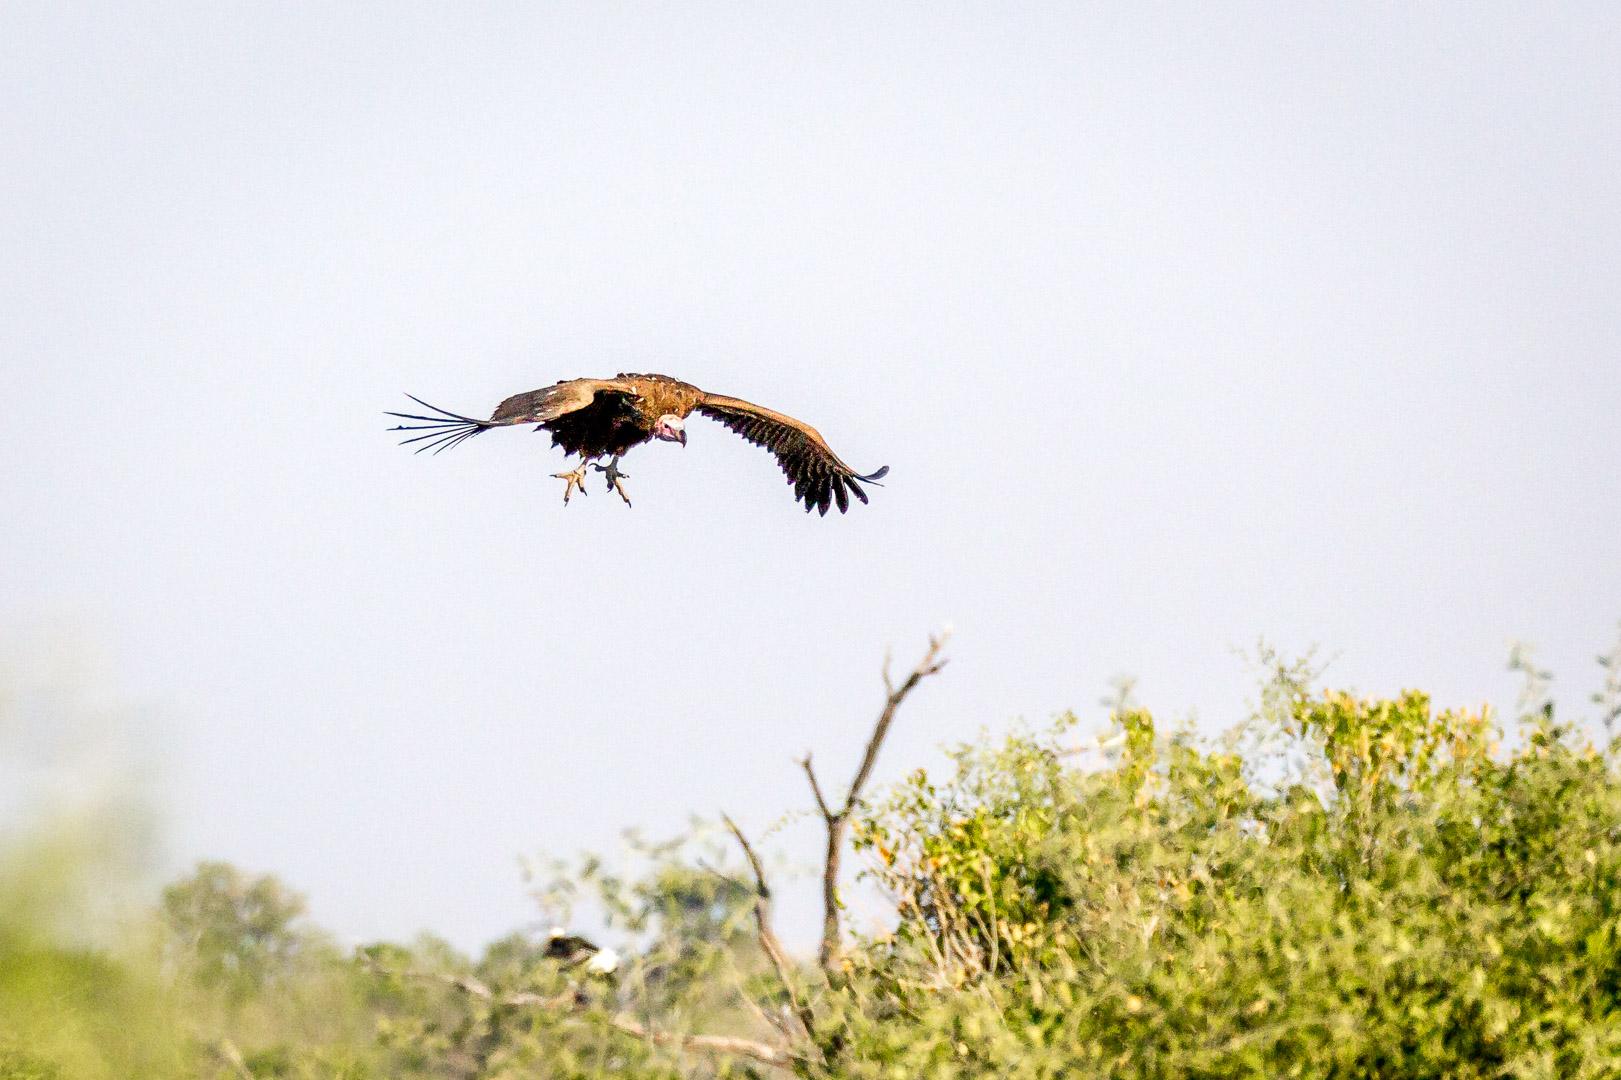 17./18.7. Chobe NP, River Drive nach Ihaha - Geier (lapped-faced vulture)